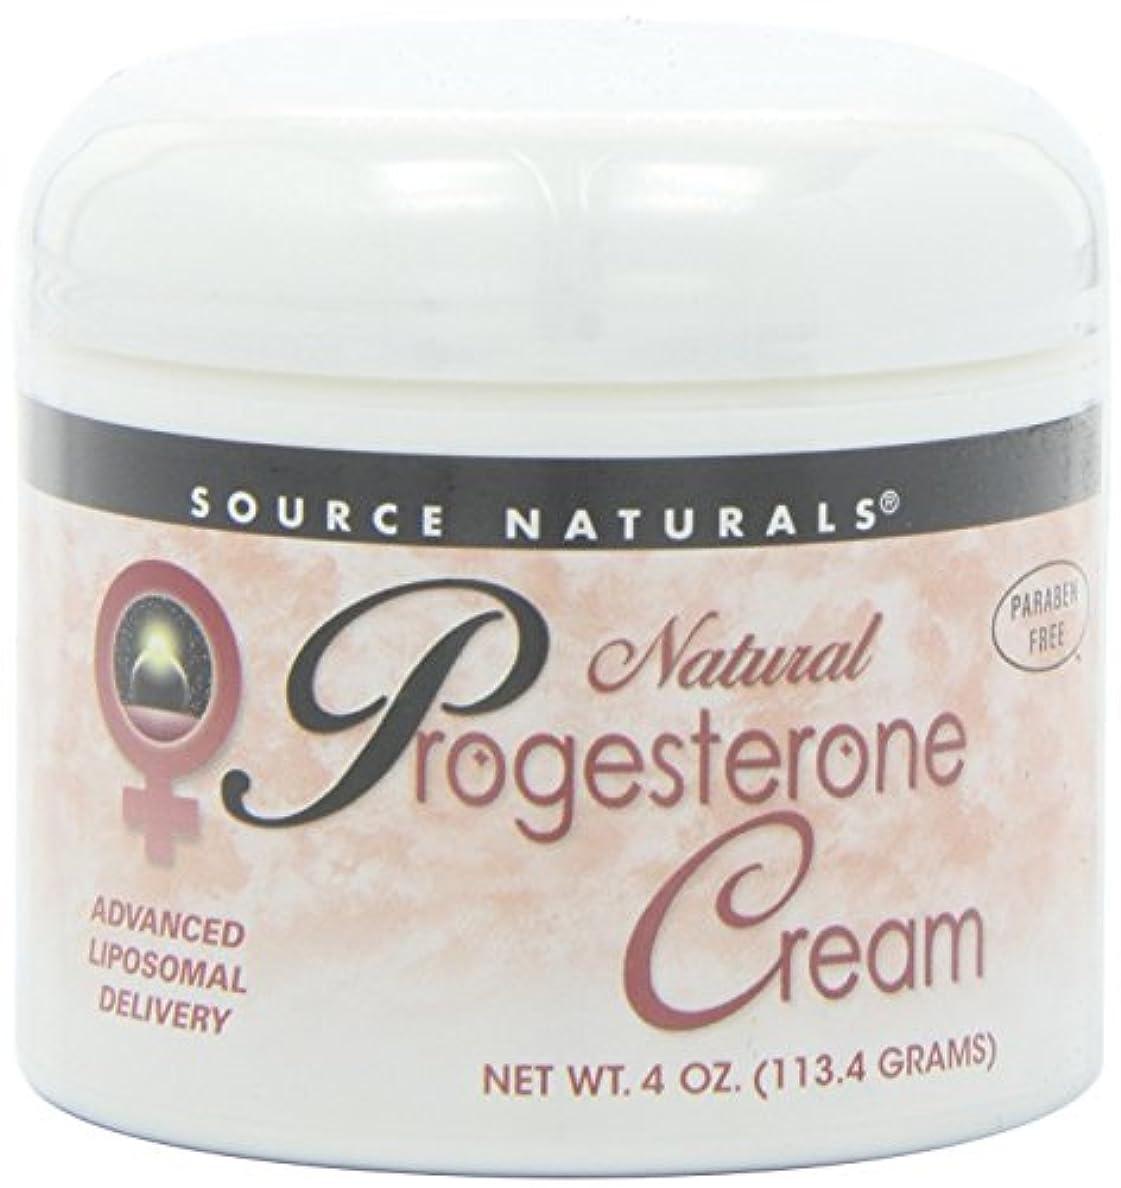 復讐禁止するオフSource Naturals Natural Progesterone Cream, 4 Ounce (113.4 g) クリーム 並行輸入品 [並行輸入品]